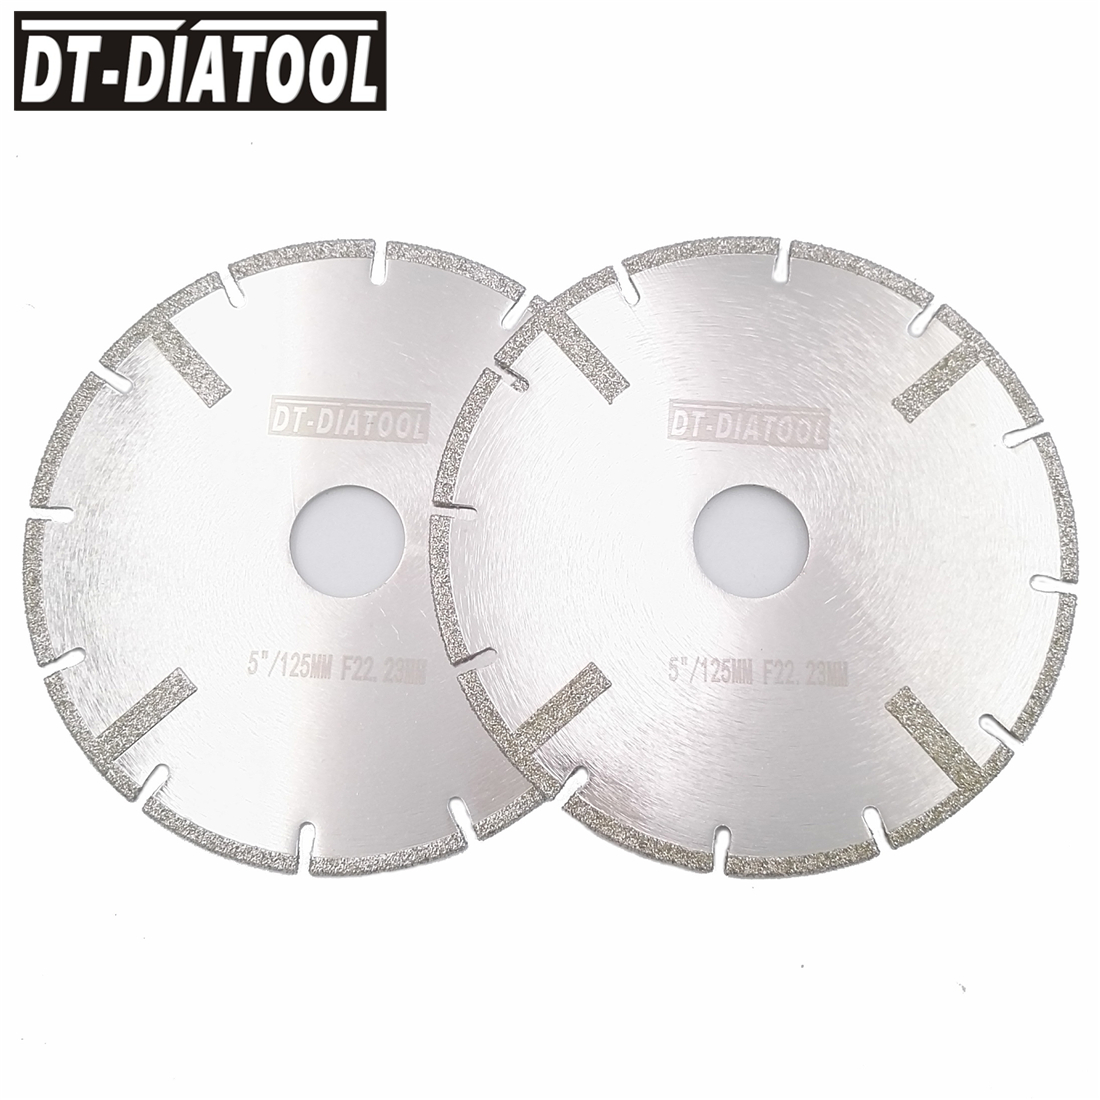 DT-DIATOOL 2pcs 5